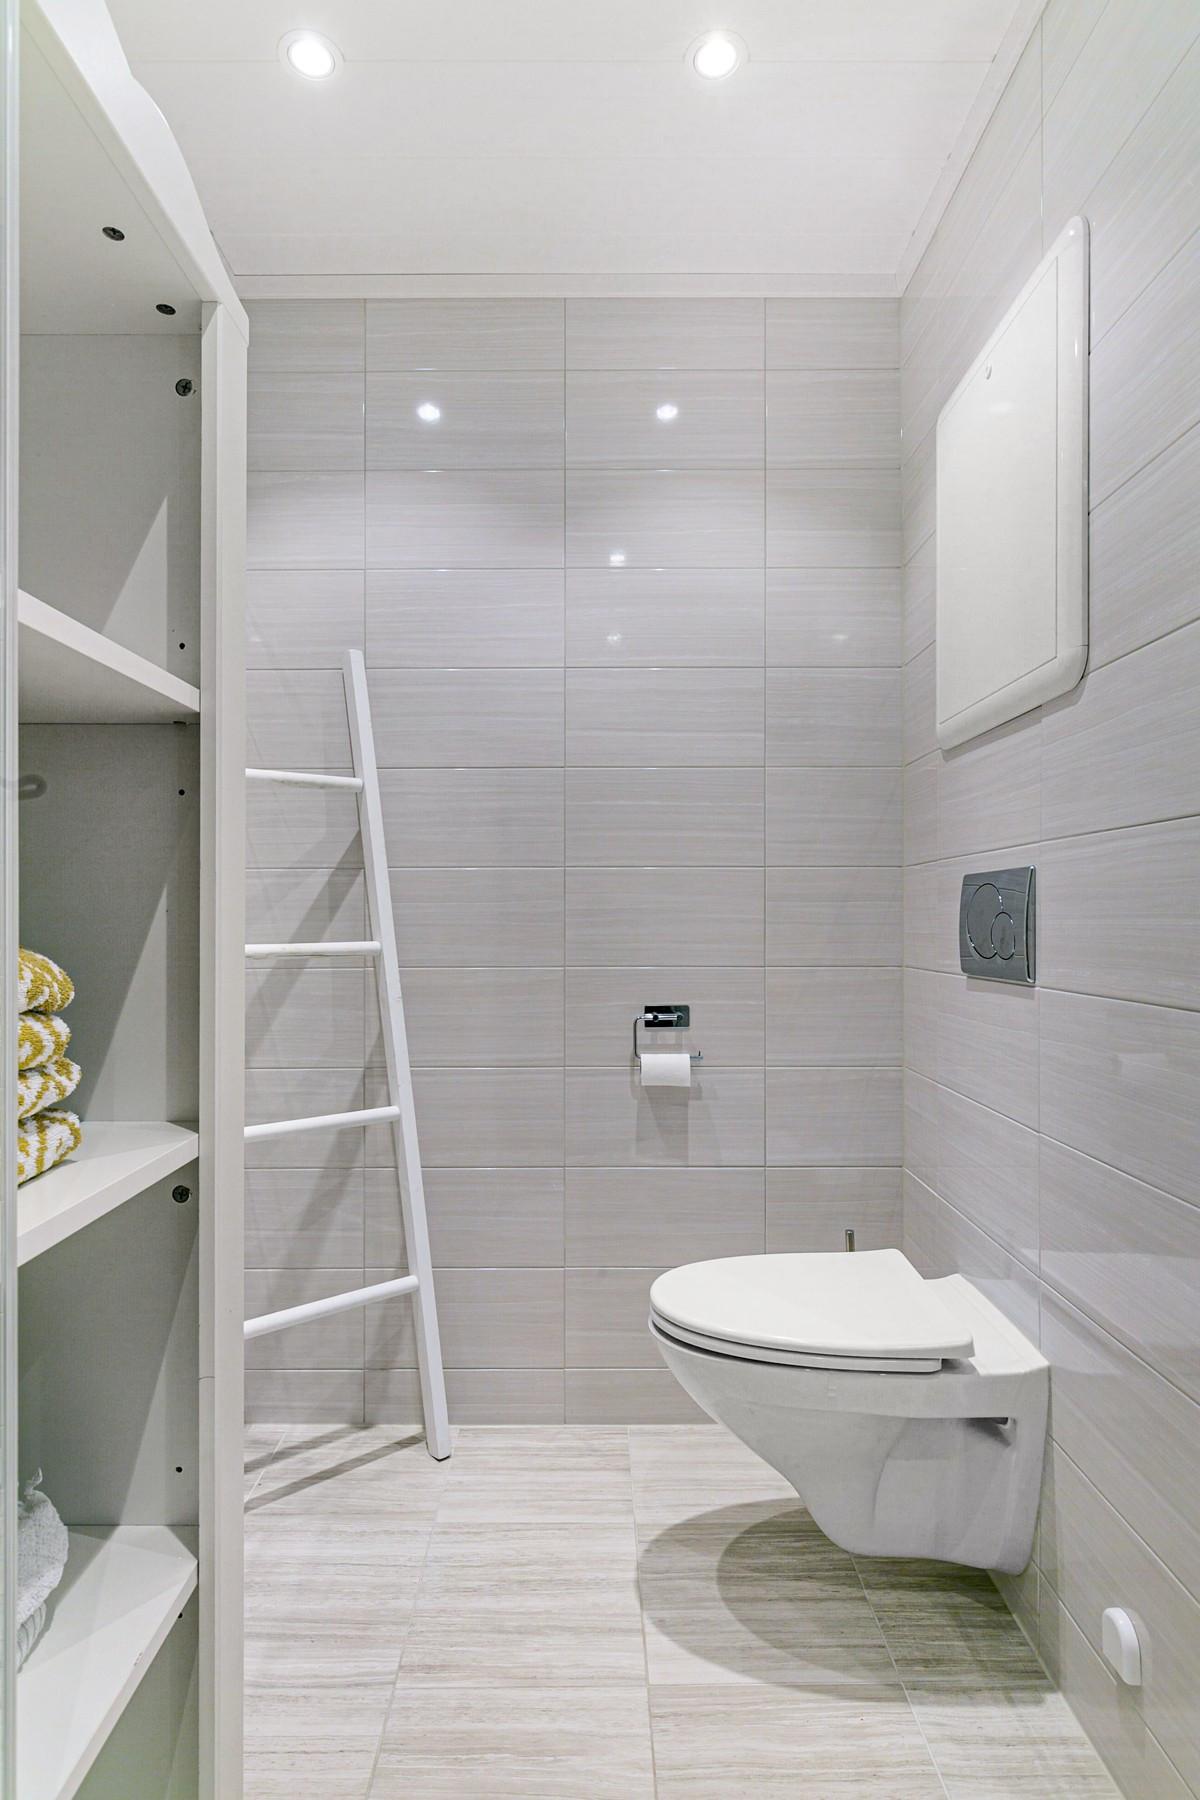 Badet består av dusjhjørne, wc og dobbelservant med speil over